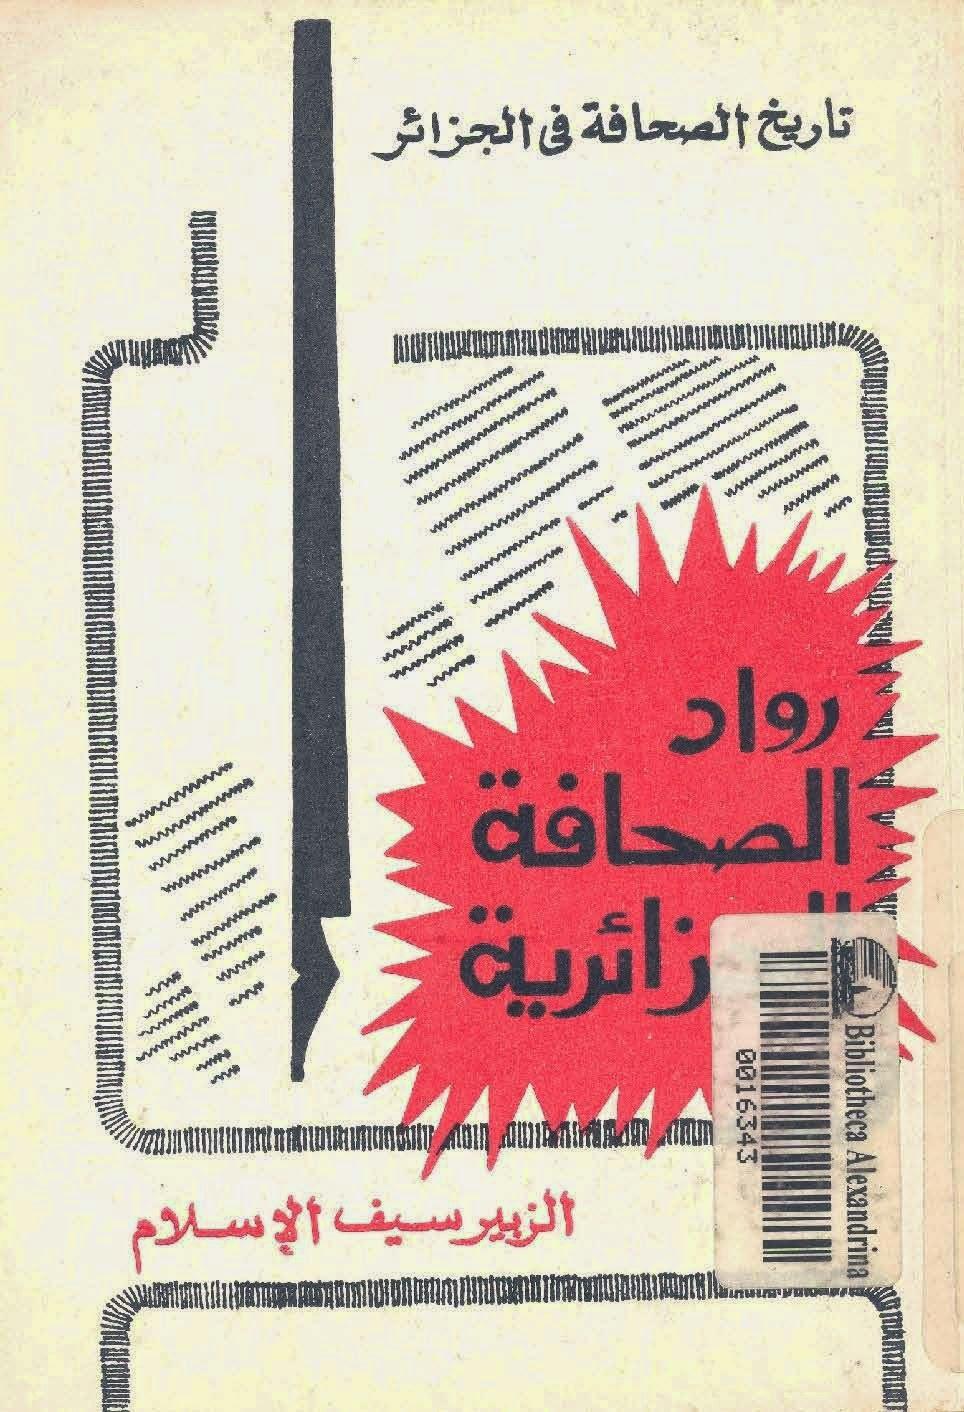 رواد الصحافة الجزائرية لـ الزبير سيف الإسلام